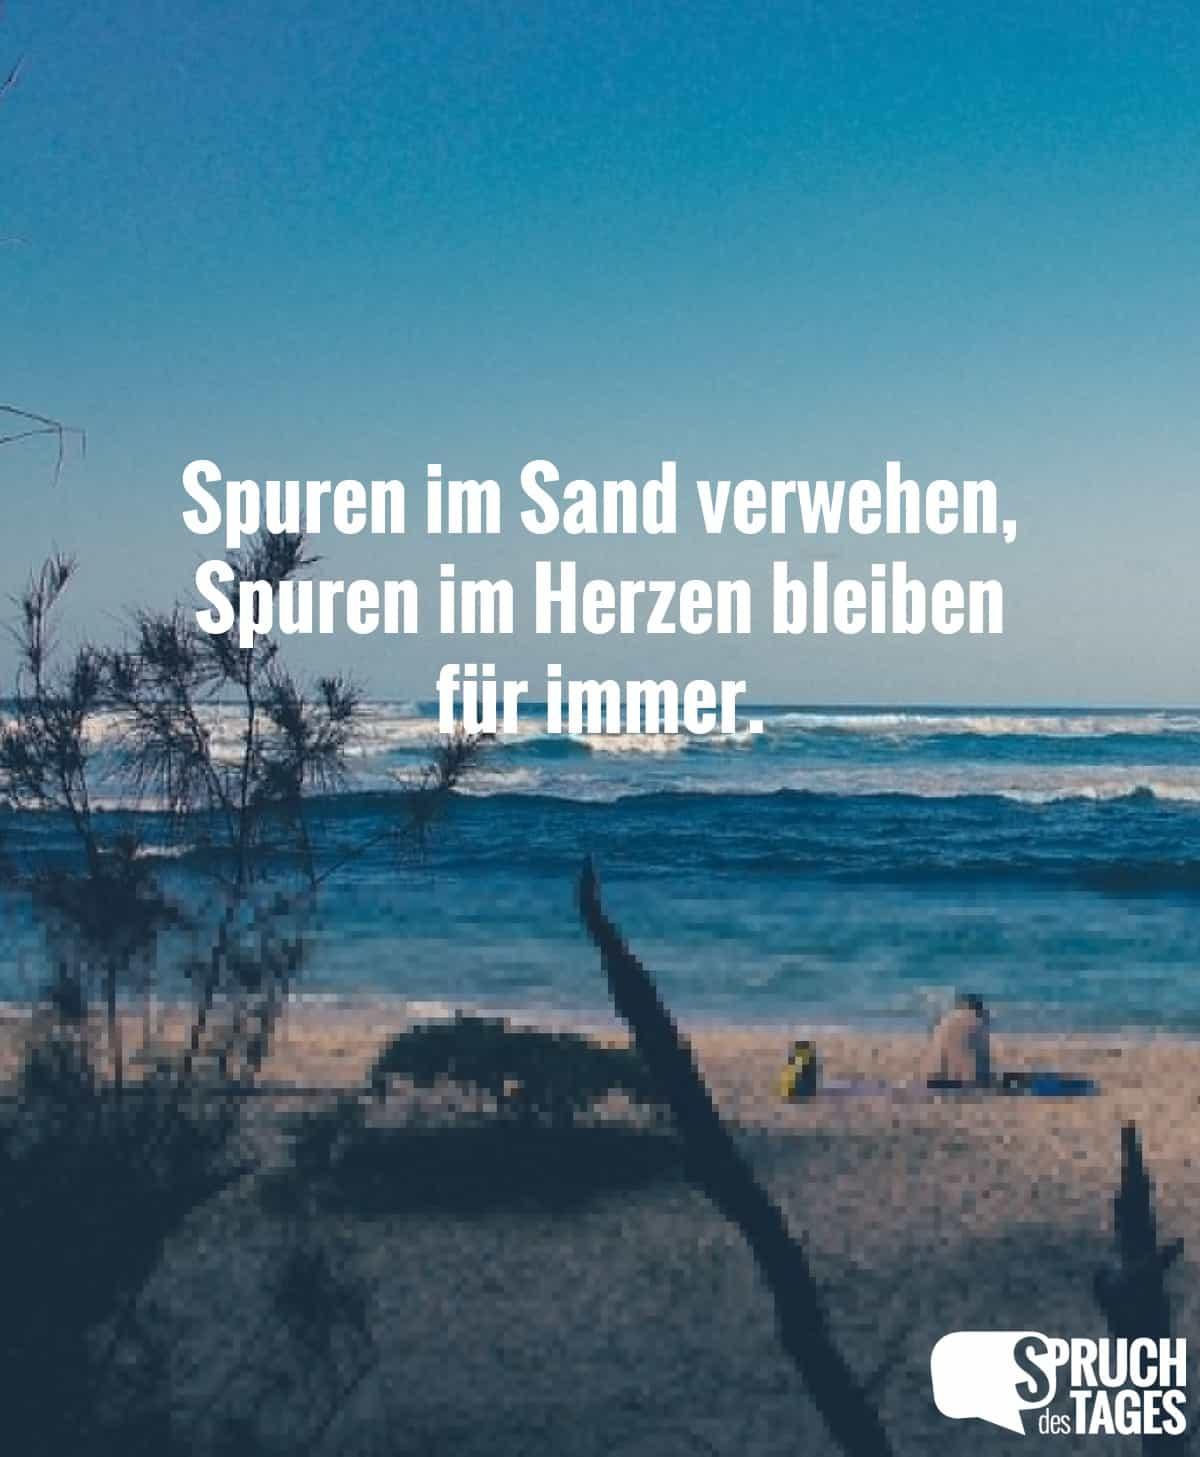 Spuren Im Sand Verwehen, Spuren Im Herzen Bleiben Für Immer.